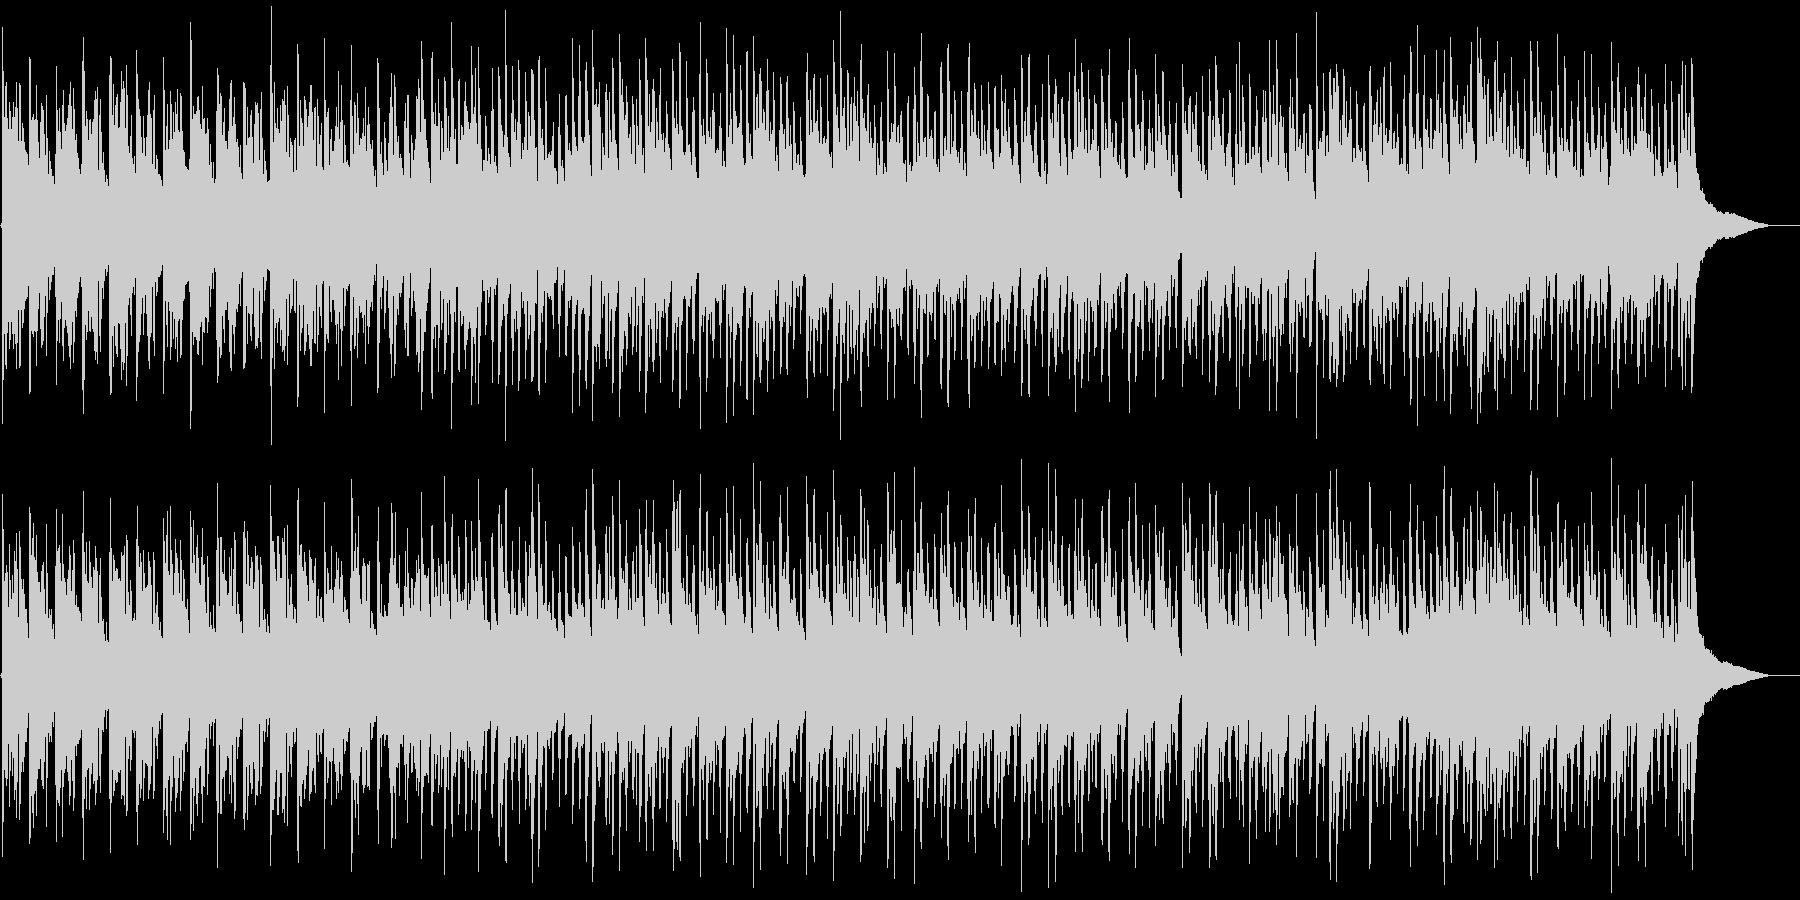 琴の音と低音ビート・日本的な和風BGMの未再生の波形